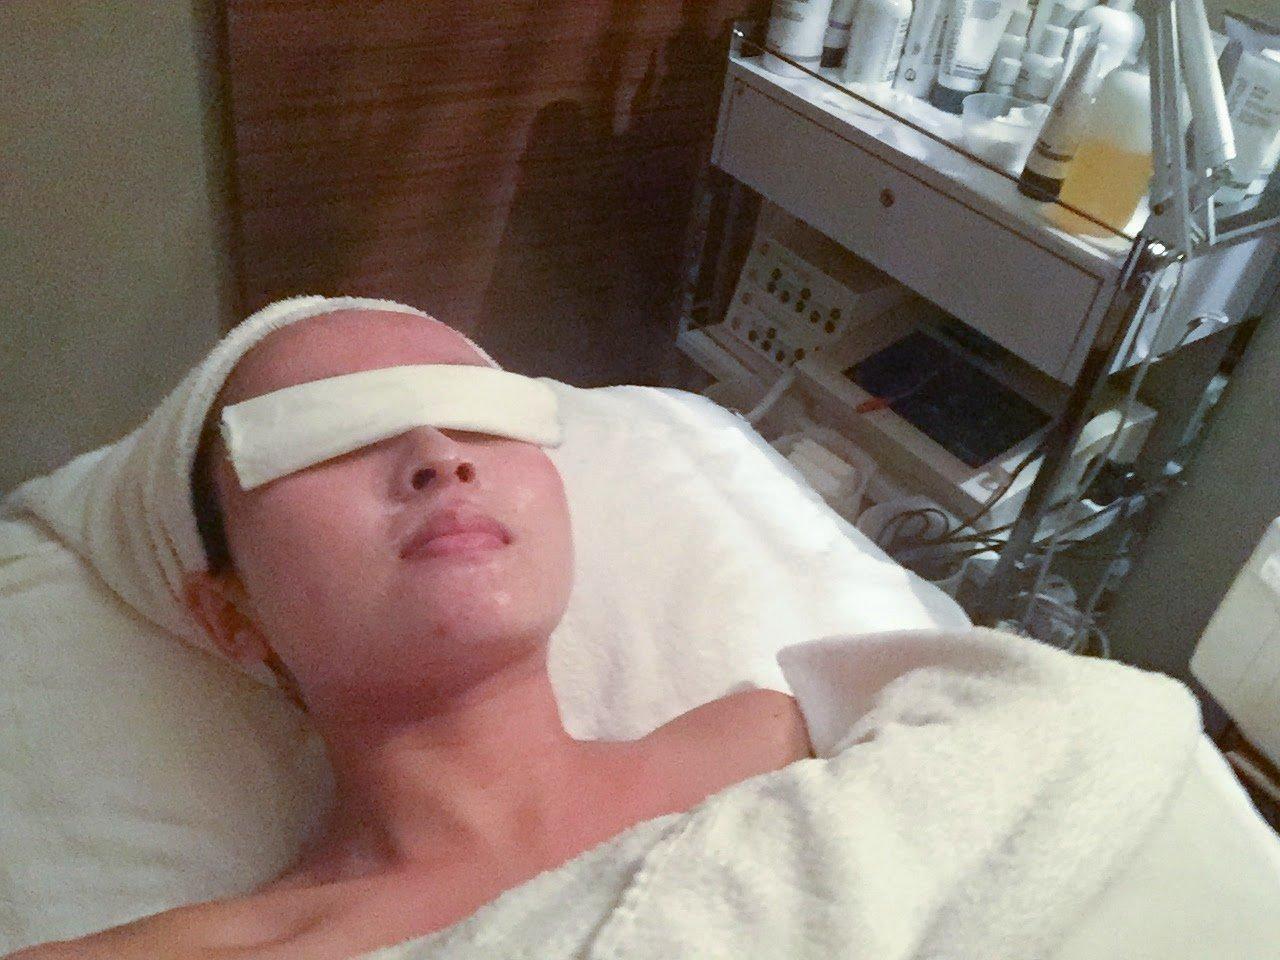 Equipment facial treatment